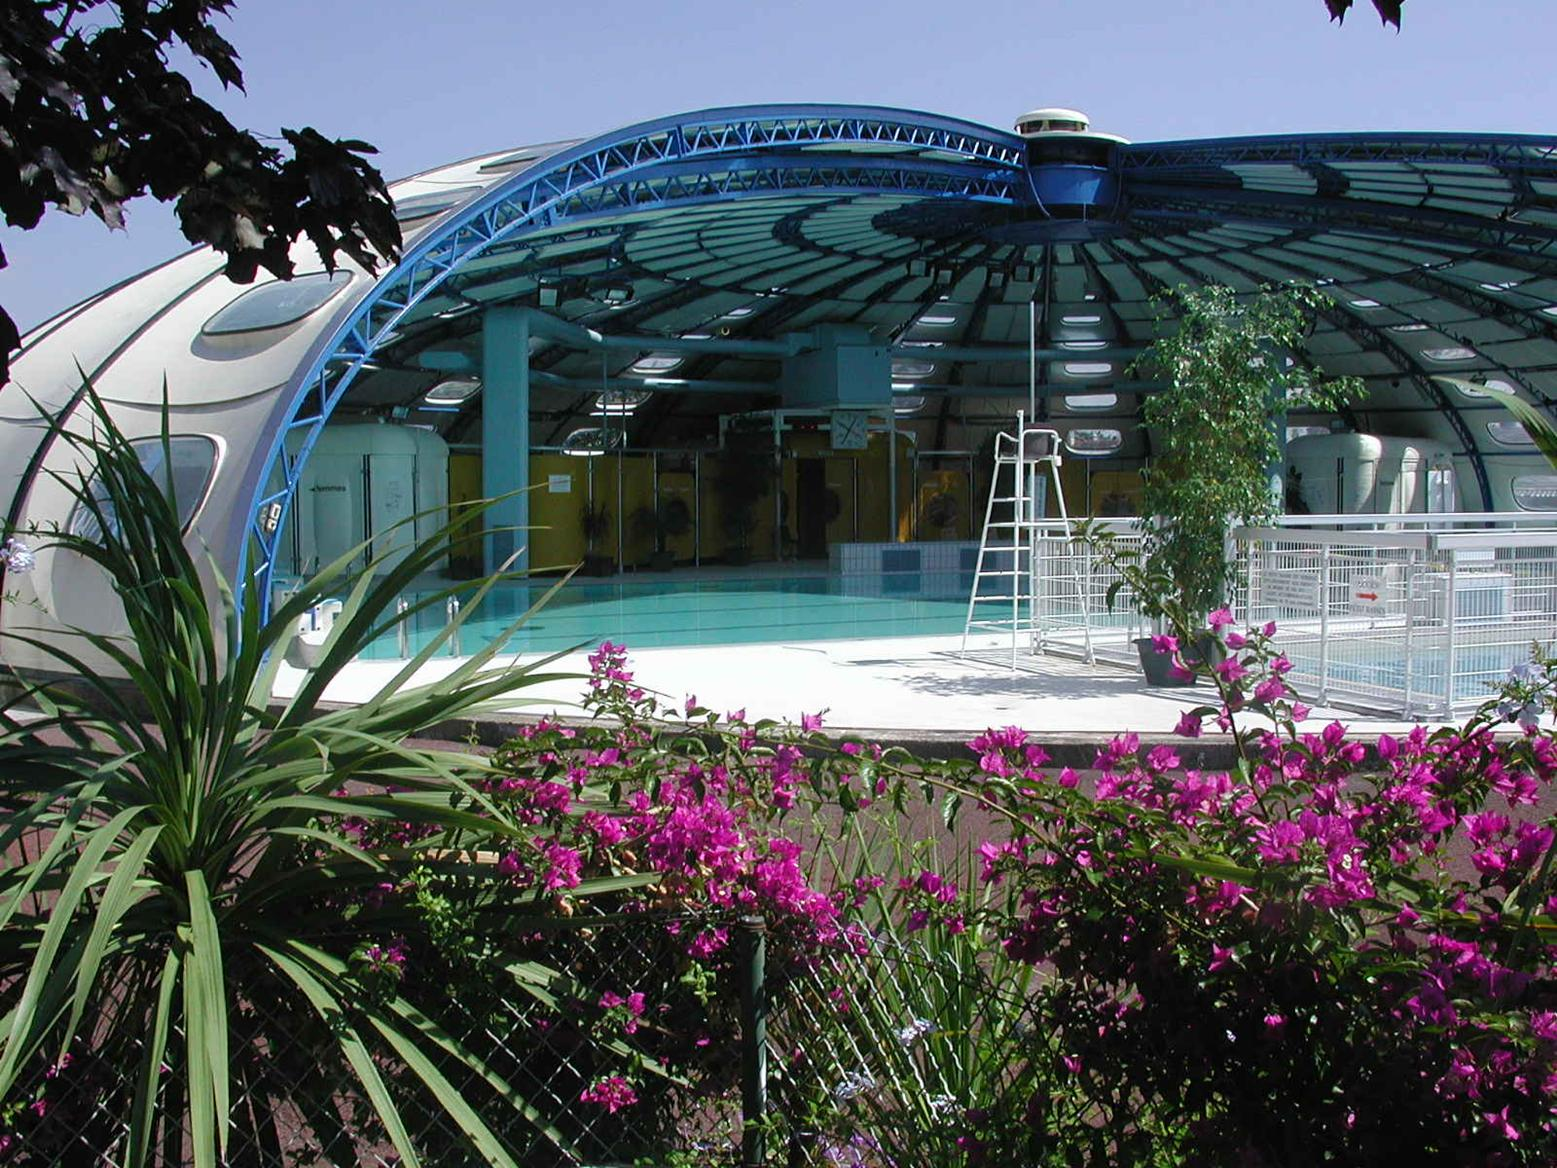 Vue extérieure de la piscine ouverte, parterre en fleurs